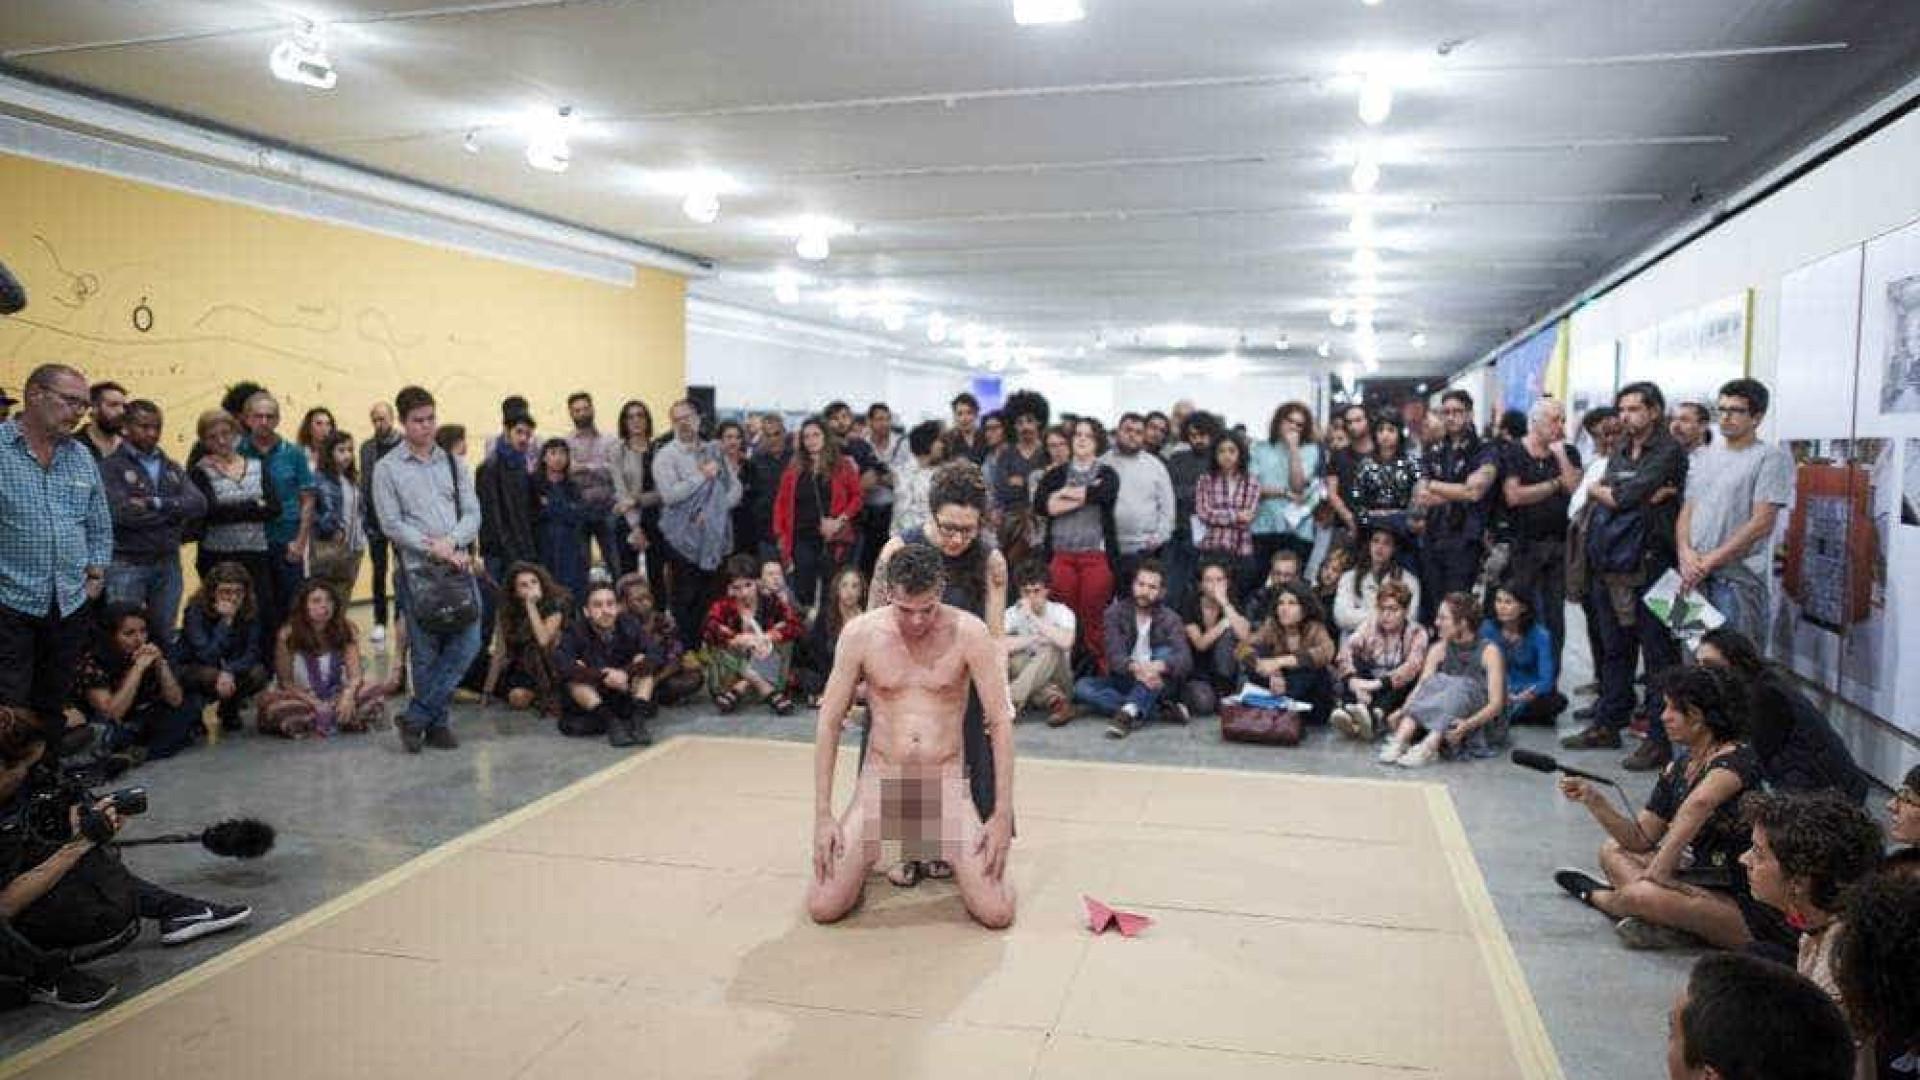 Criança tocando artista nu em Museu de SP causa polêmica na web